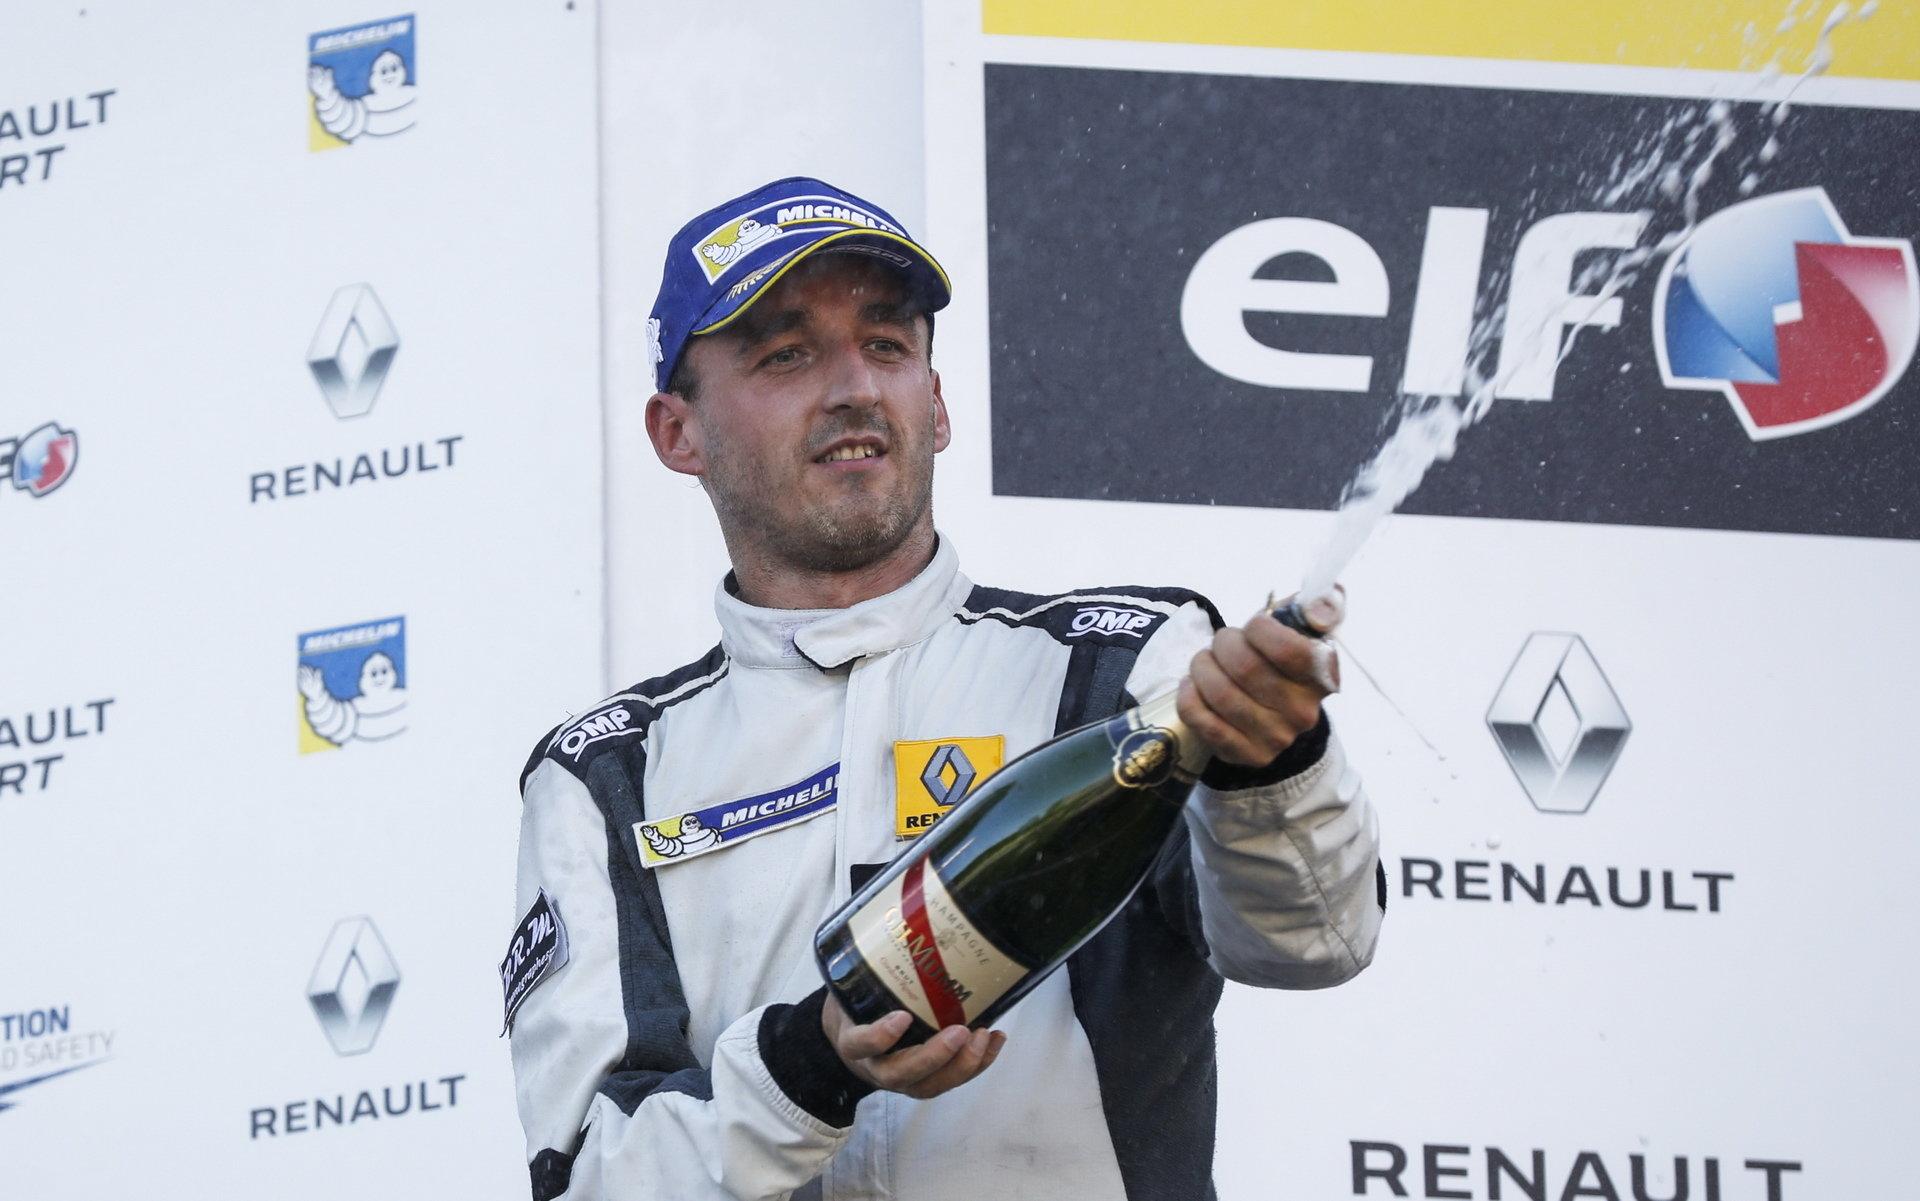 Zopakuje si Kubica někdy rituál na stupních vítězů?